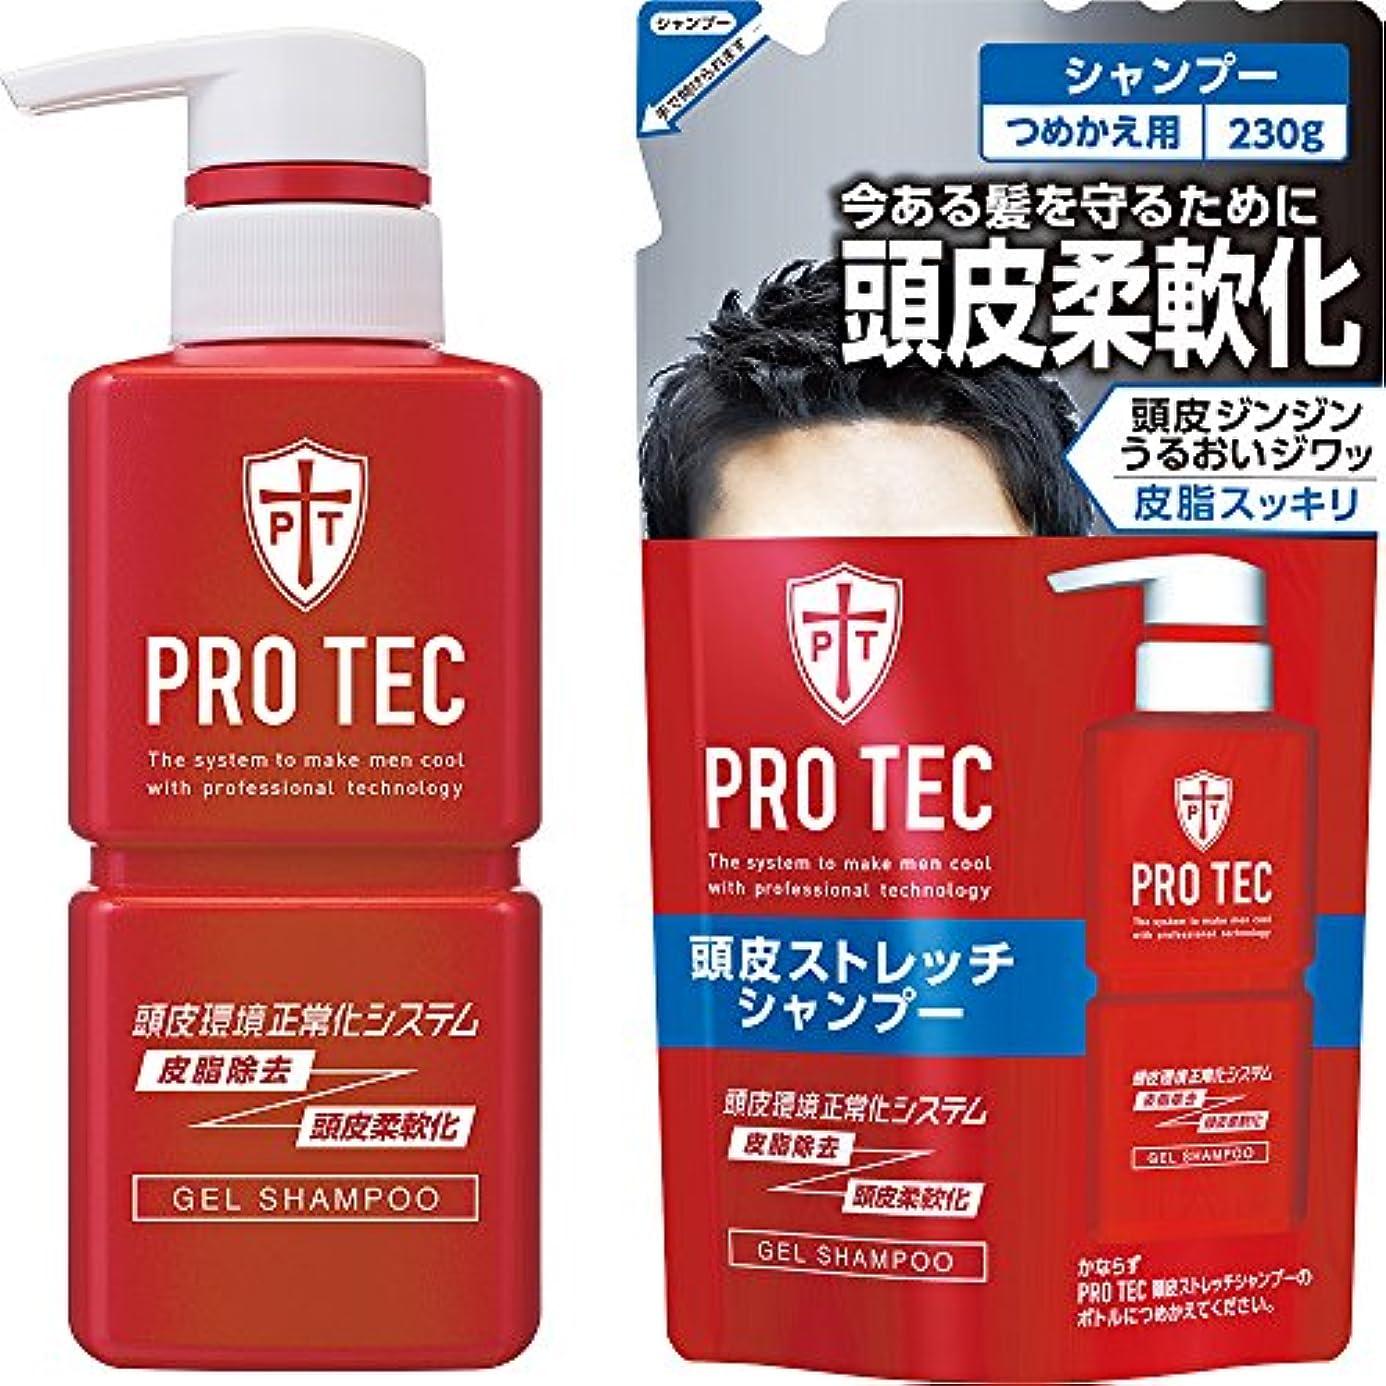 特異なエージェント大臣PRO TEC(プロテク) 頭皮ストレッチシャンプー 本体ポンプ300g+詰め替え230g セット(医薬部外品)